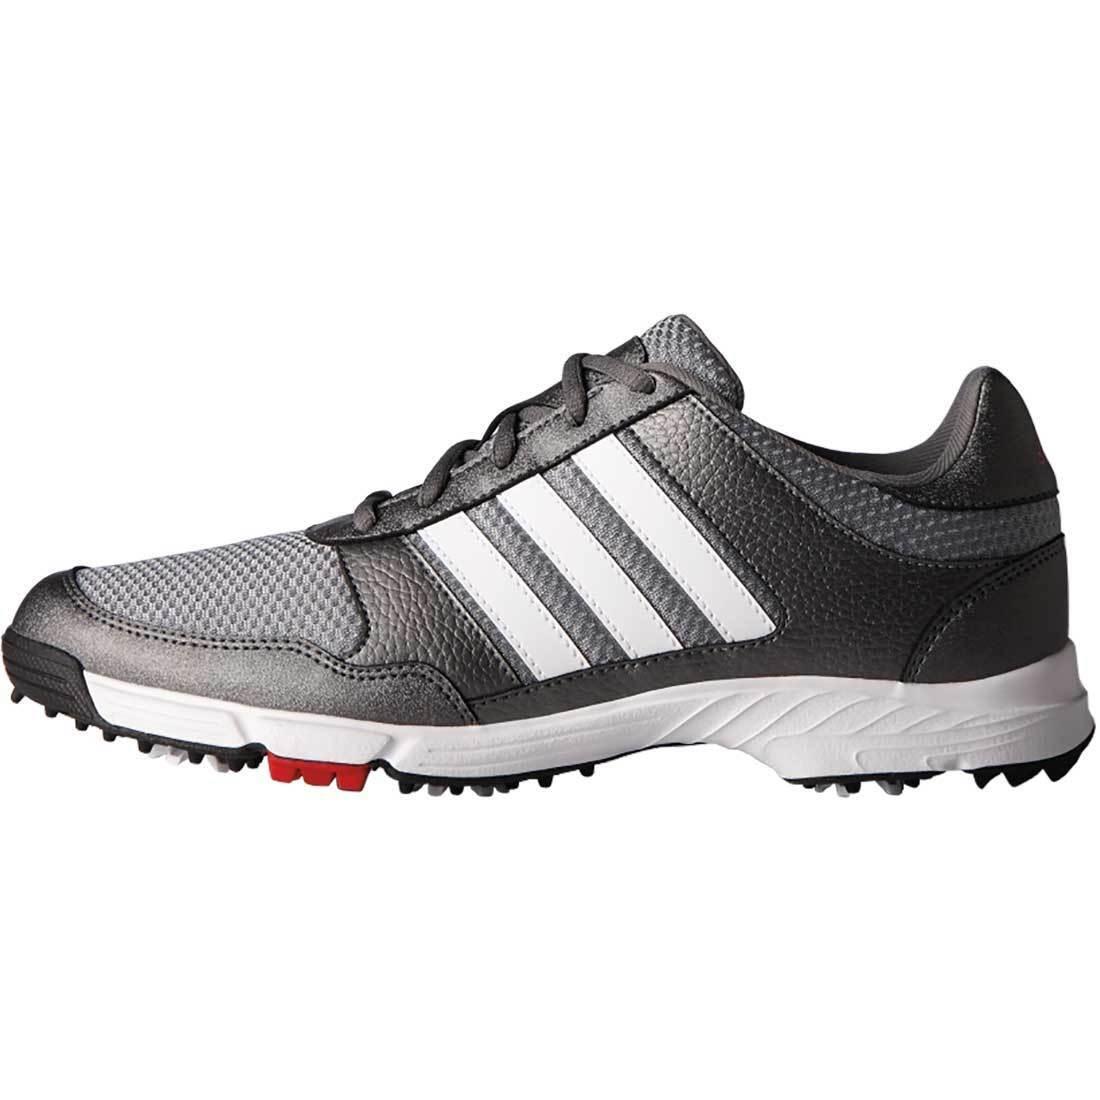 Νέο παπούτσι γκολφ Adidas Tech Response Mens Γυαλί / Ξ›Ξ΅Ο…ΞΊΟŒ / Μαύρο - Νέο σΡ Box